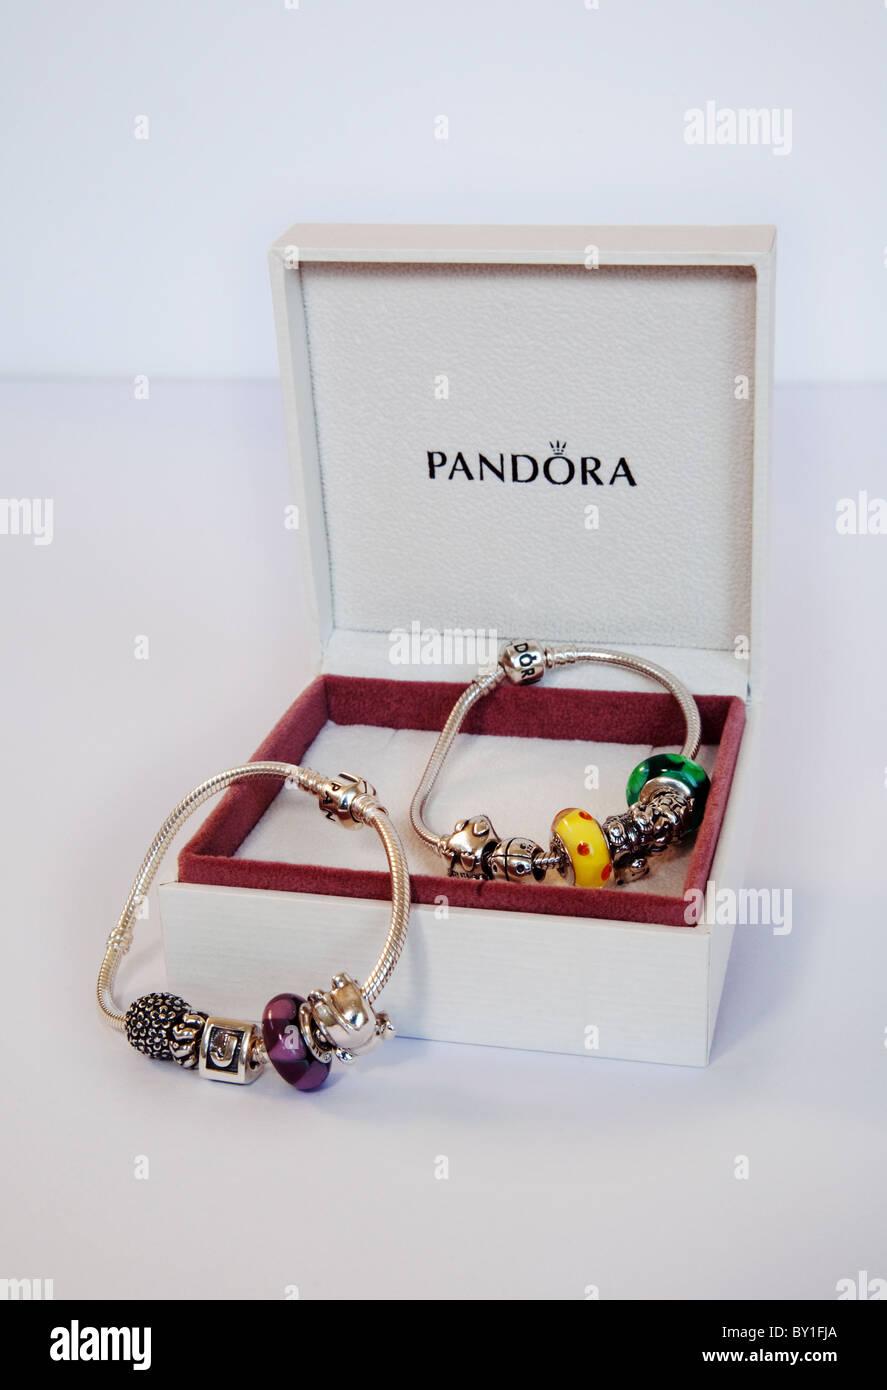 Deux bracelets bijoux Pandora et de leur emballage Photo Stock